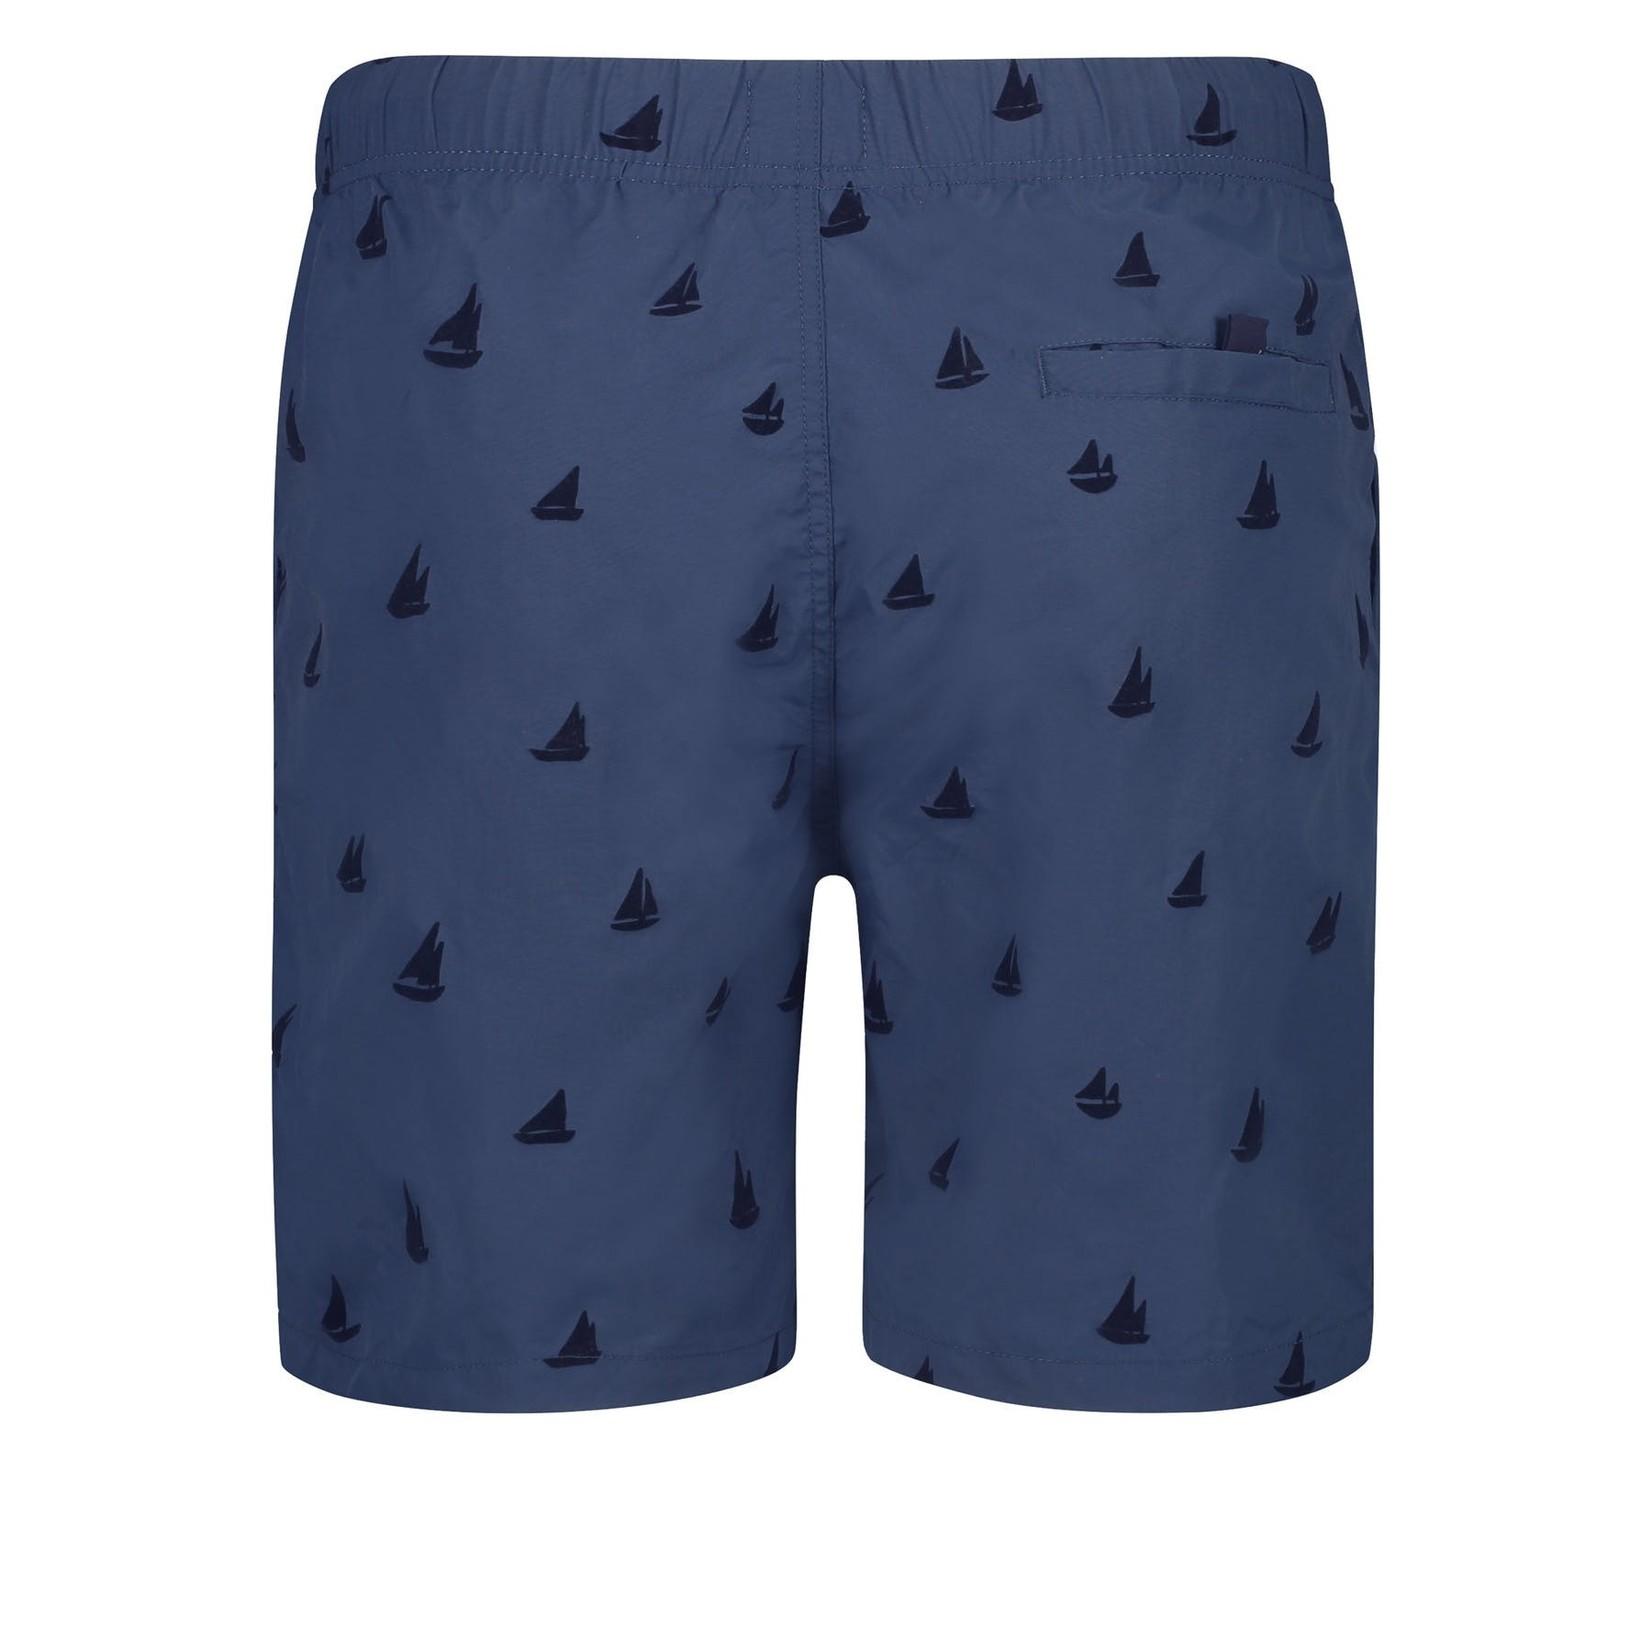 Shiwi Shiwi zwemshort blauw zeilboten